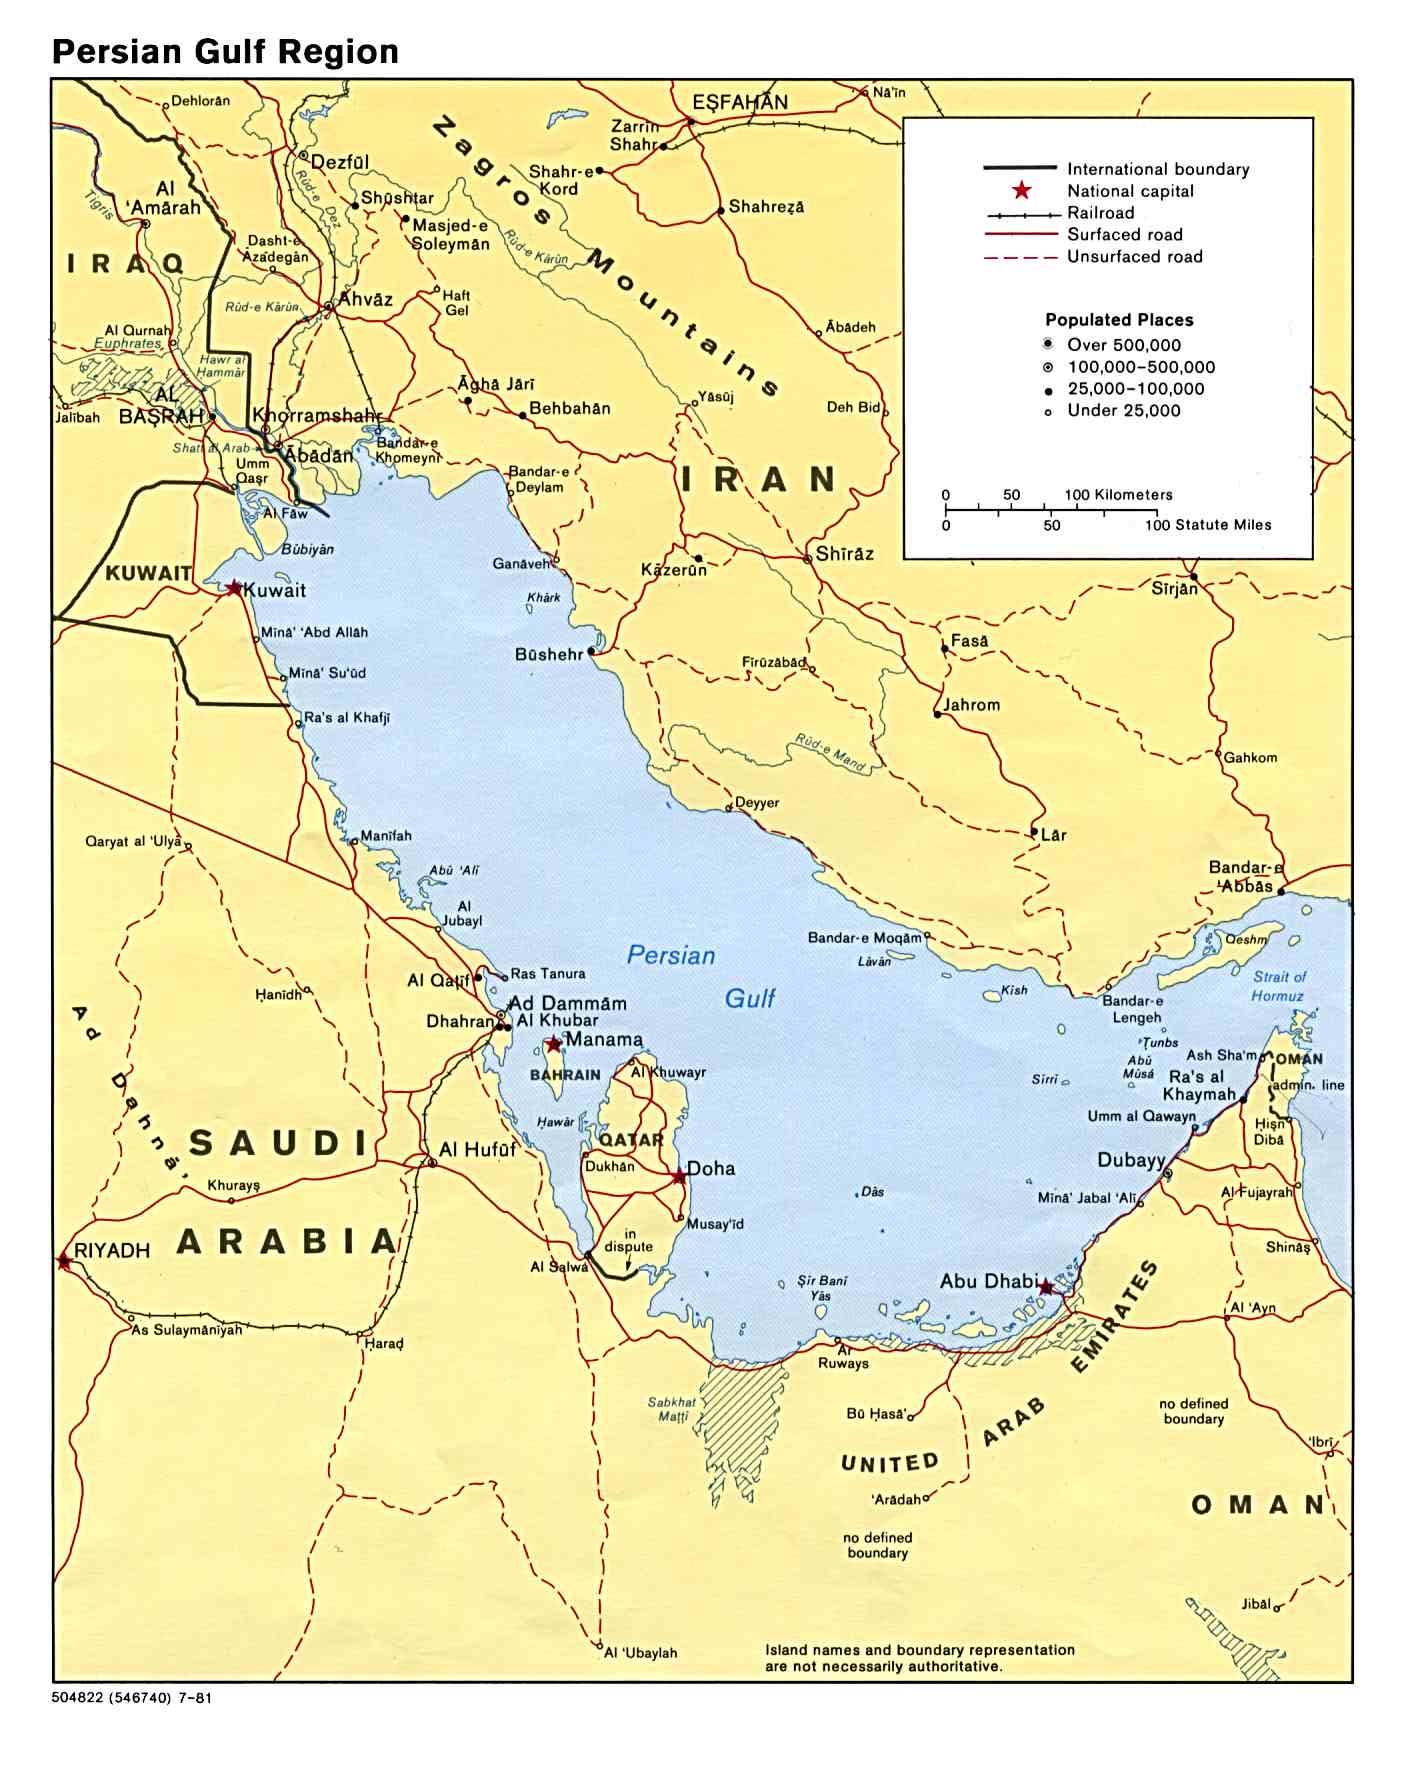 persischer golf karte Übersichtskarte persischer Golf : Weltkarte.  Karten und  persischer golf karte